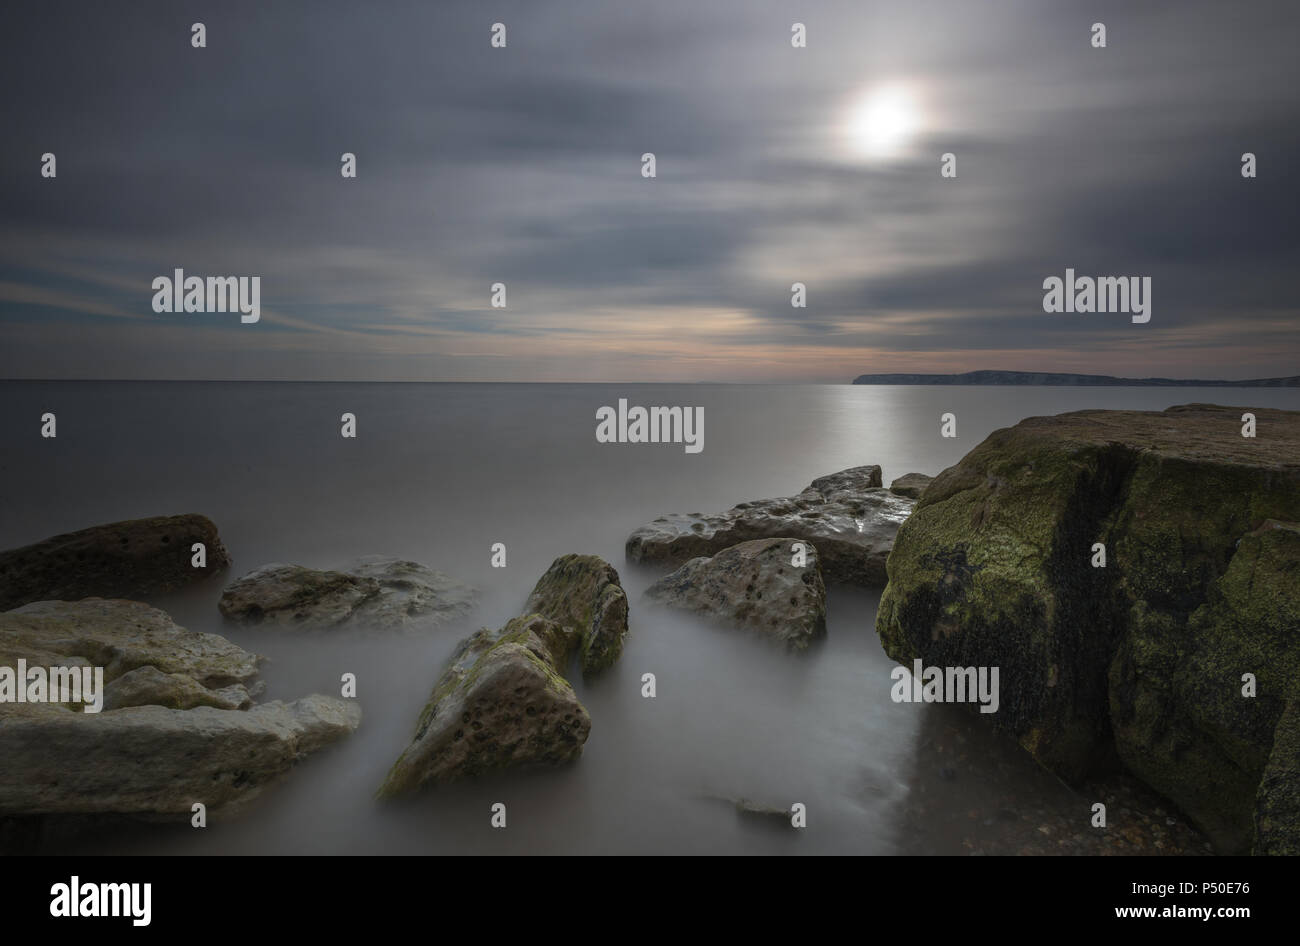 Una hermosa y atmosférica, Isla de Wight seascape o la puesta de sol sobre el mar en la bahía de Compton, cerca de la bahía de agua dulce. Imagen De Stock